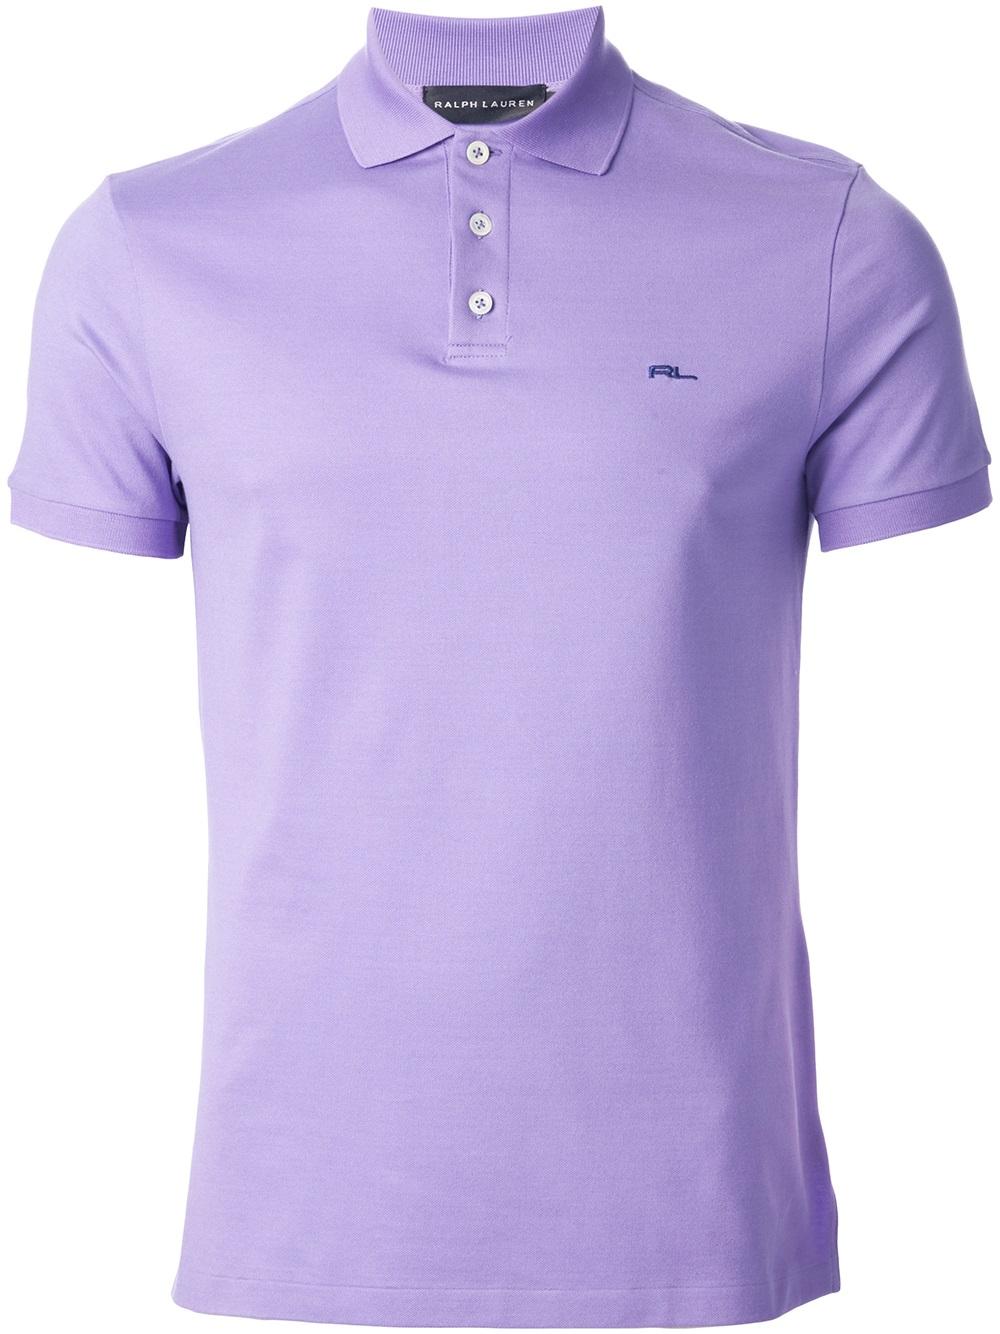 Burberry Brit Shirt Men